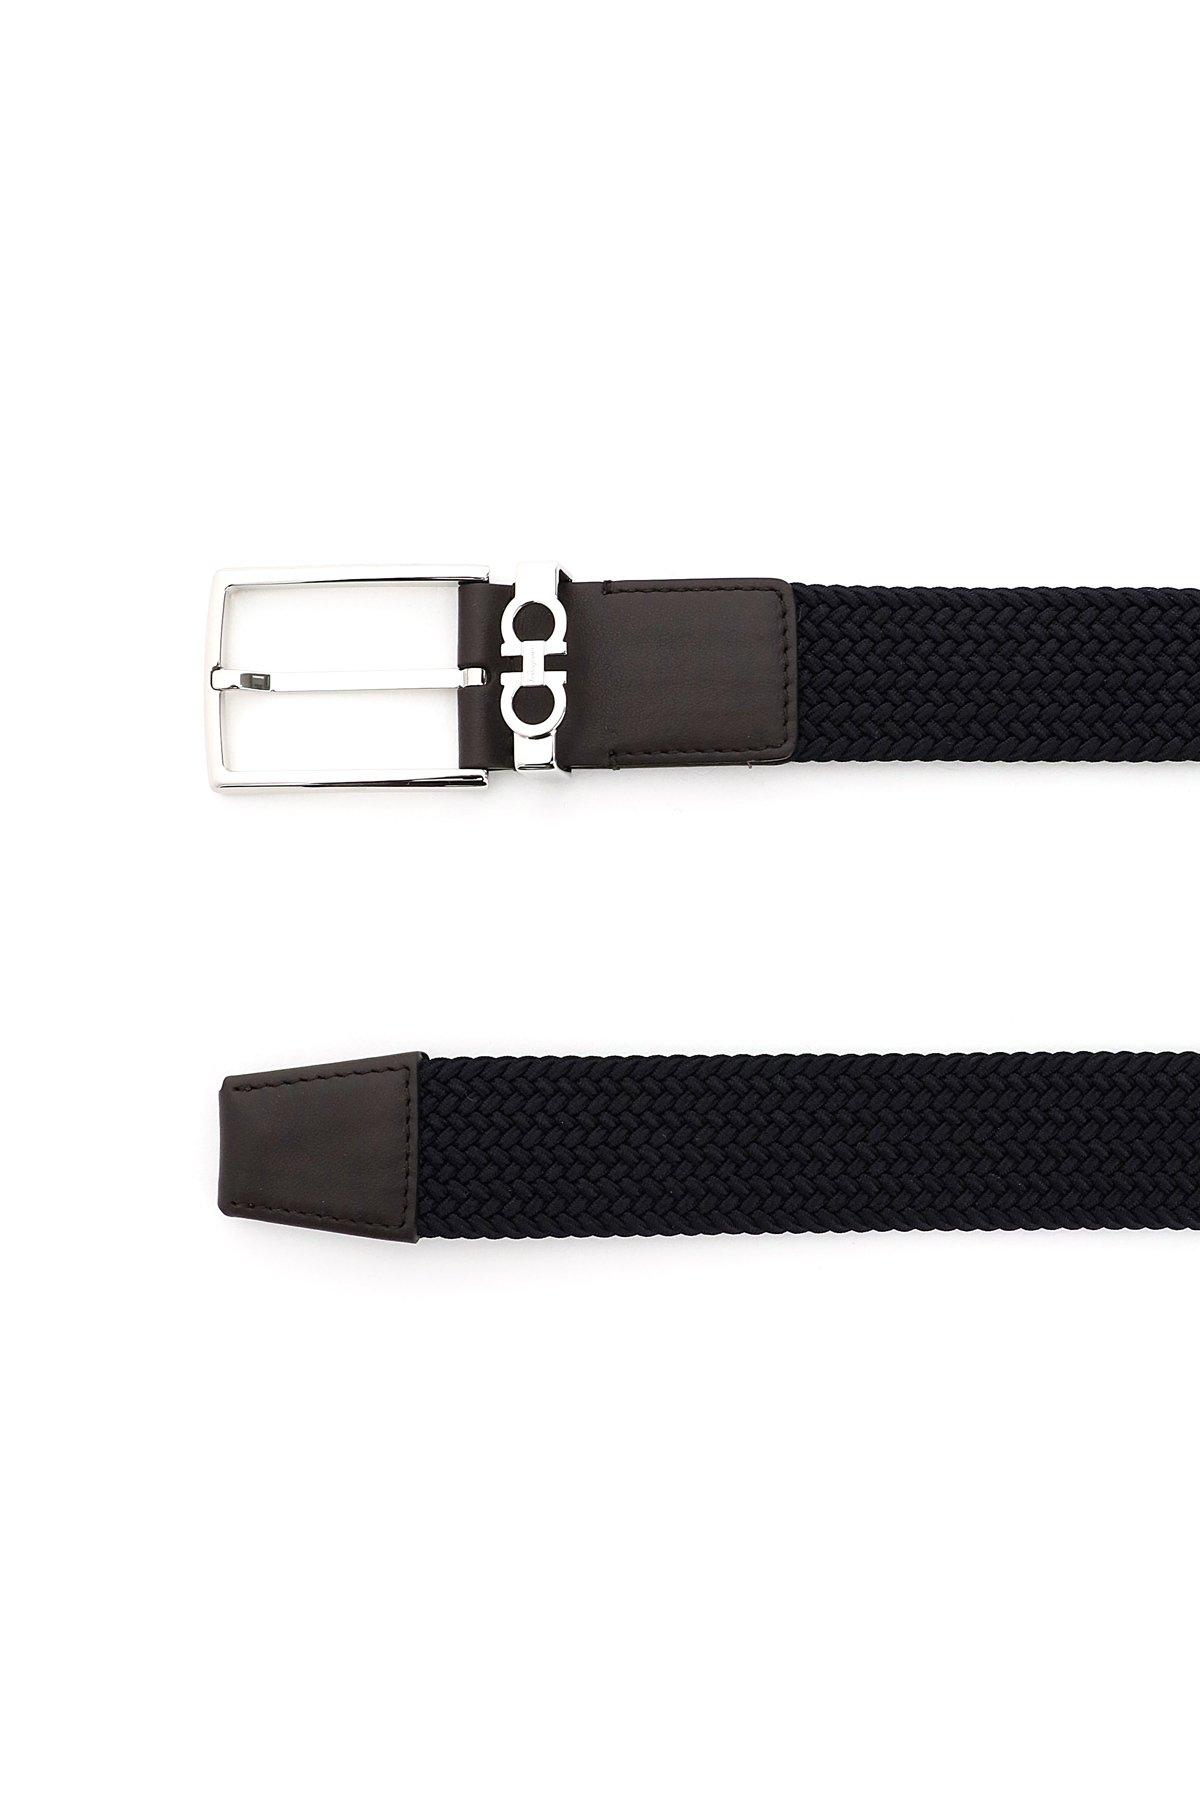 Salvatore ferragamo cintura elastica strings & tassel